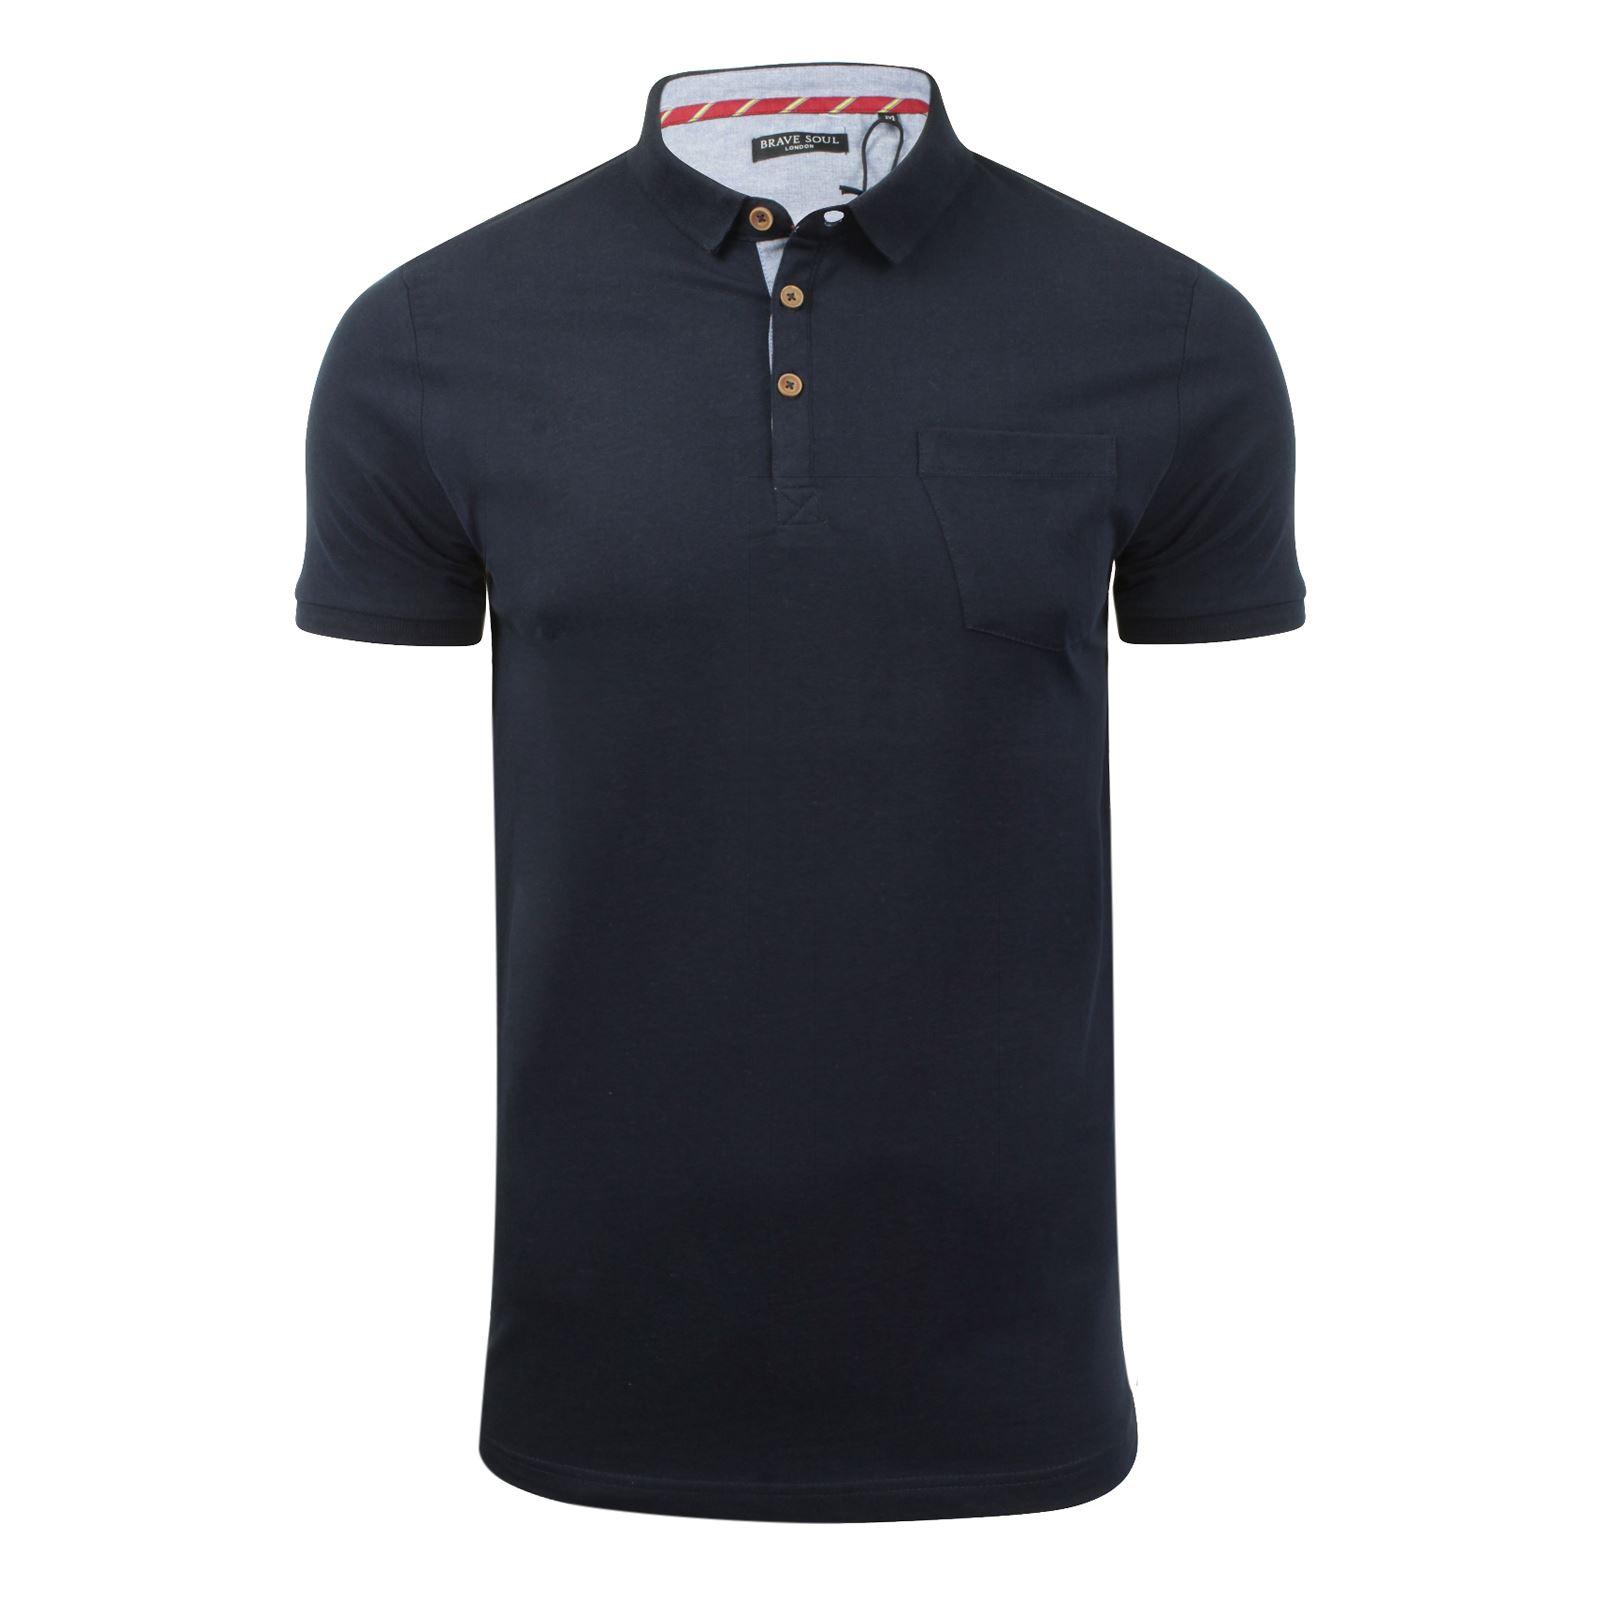 Brave-Soul-Glover-Homme-Polo-T-Shirt-En-Coton-A-Col-Manches-Courtes-Haut-Decontracte miniature 60